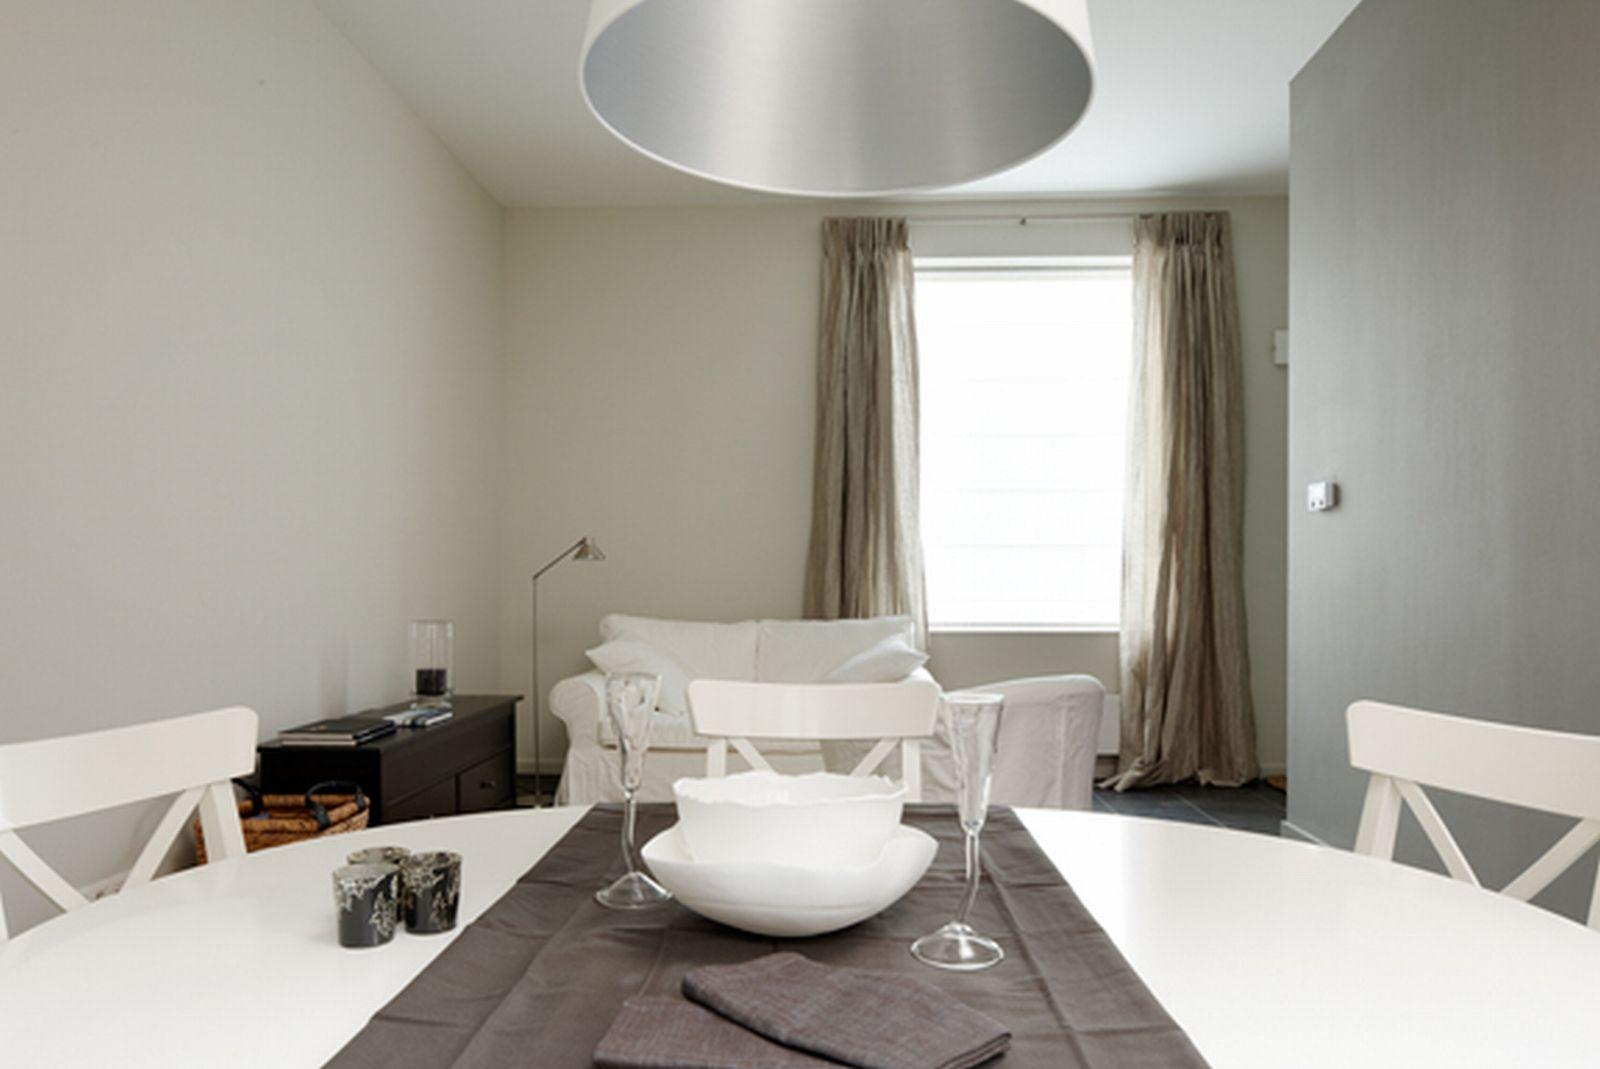 Interieur Klassieke Stijl : Klassieke stijl gezellig interieur vooruitzicht